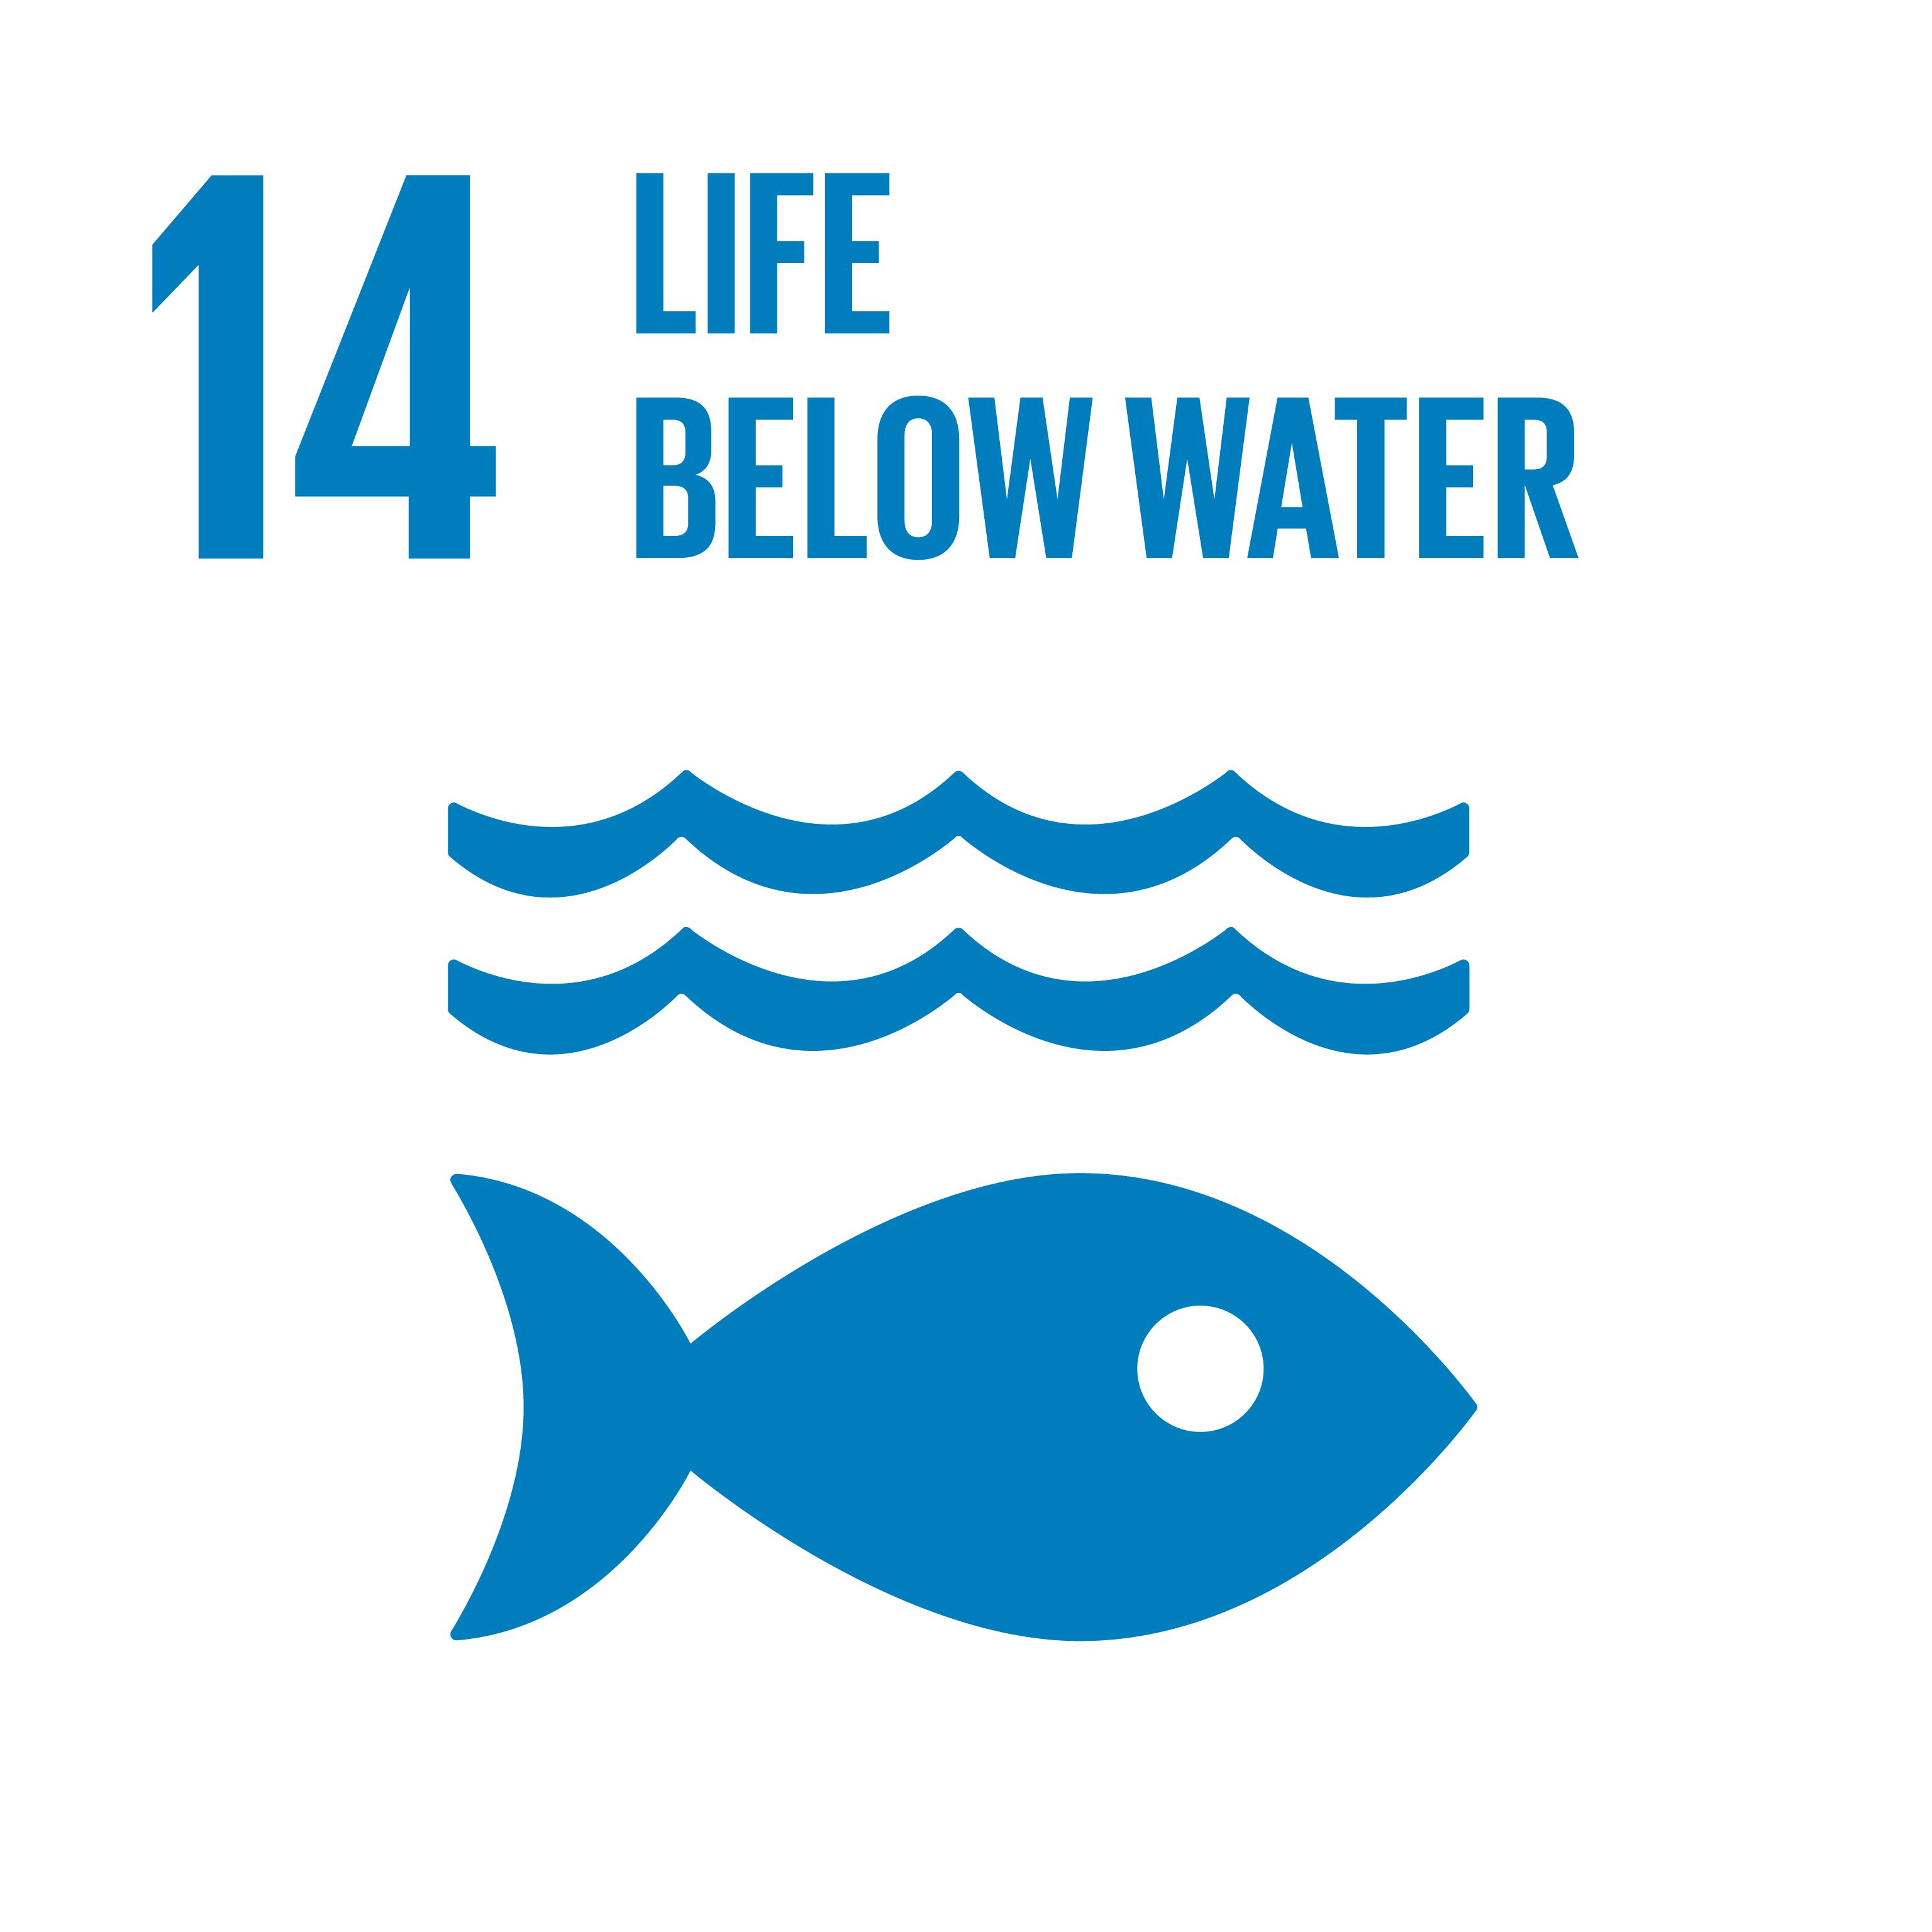 Image SDG 14; © UN